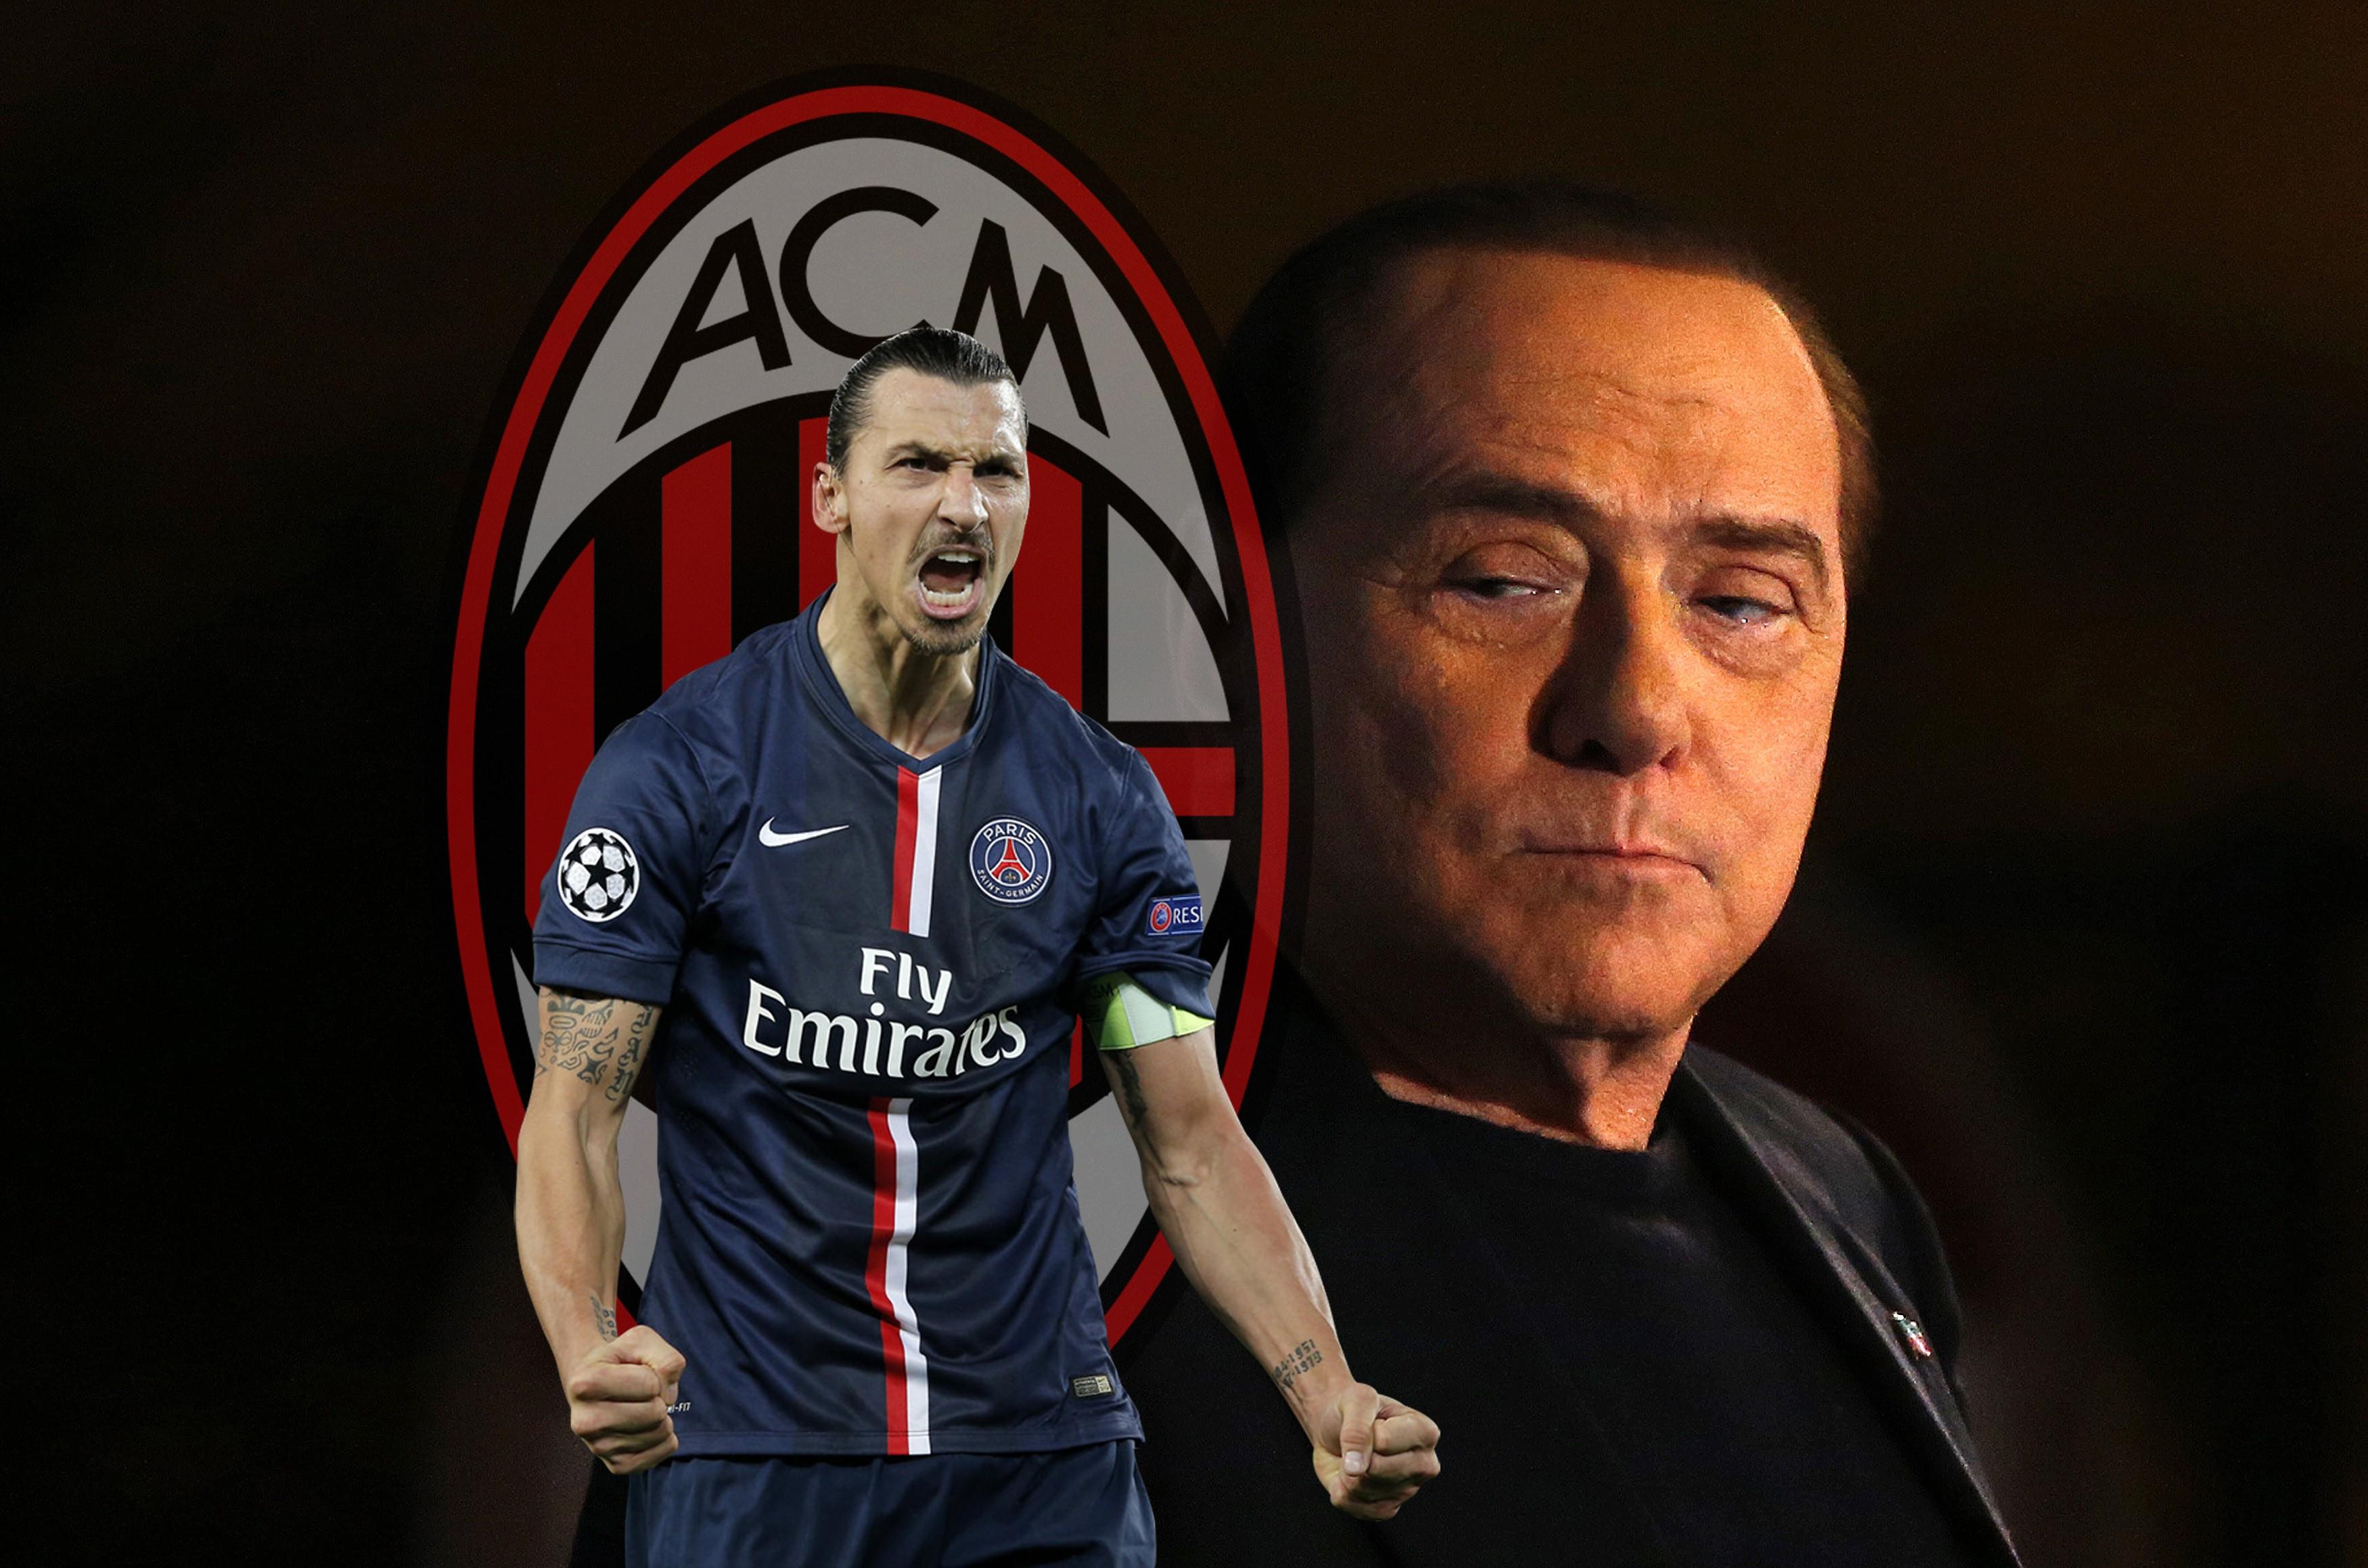 Златан Ибрагимович и слухи о переходе в «Милан»